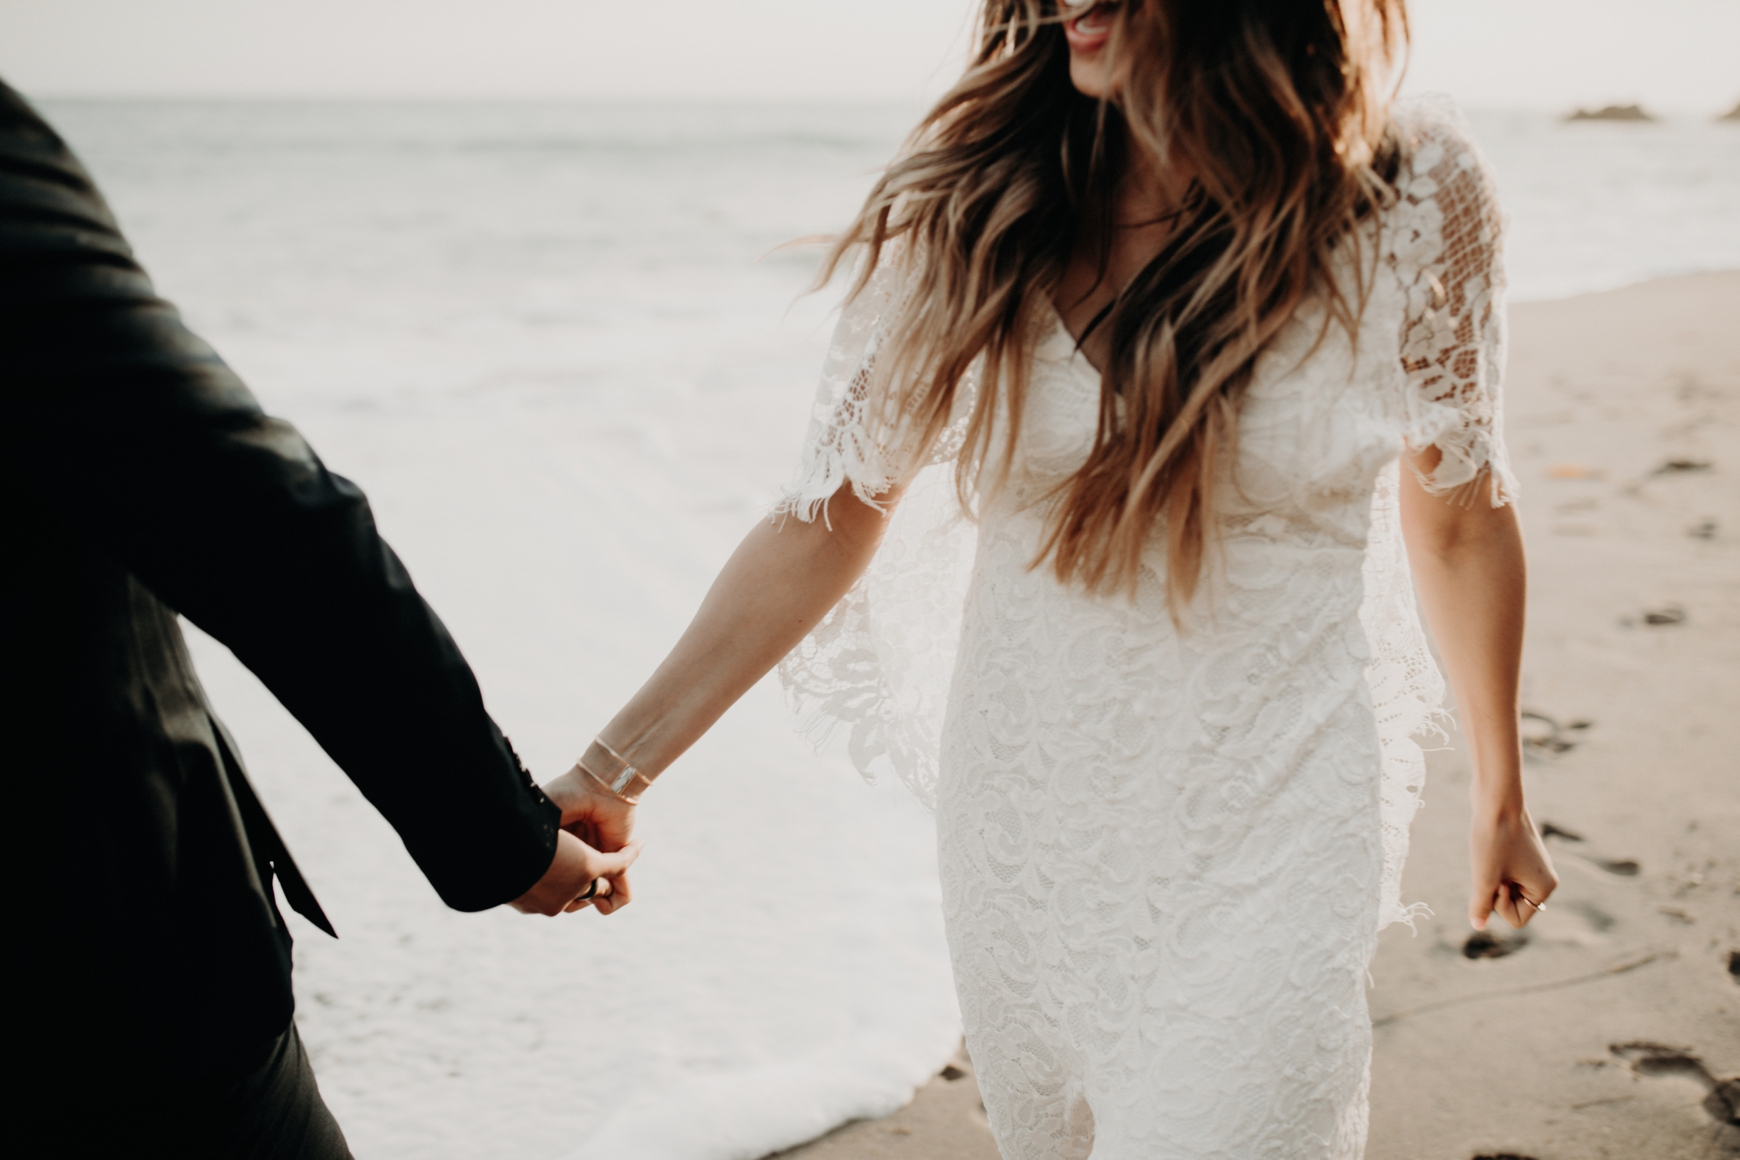 El Matador Beach Bridal Portraits Justellen & TJ Emily Magers Photography-266Emily Magers Photography.jpg